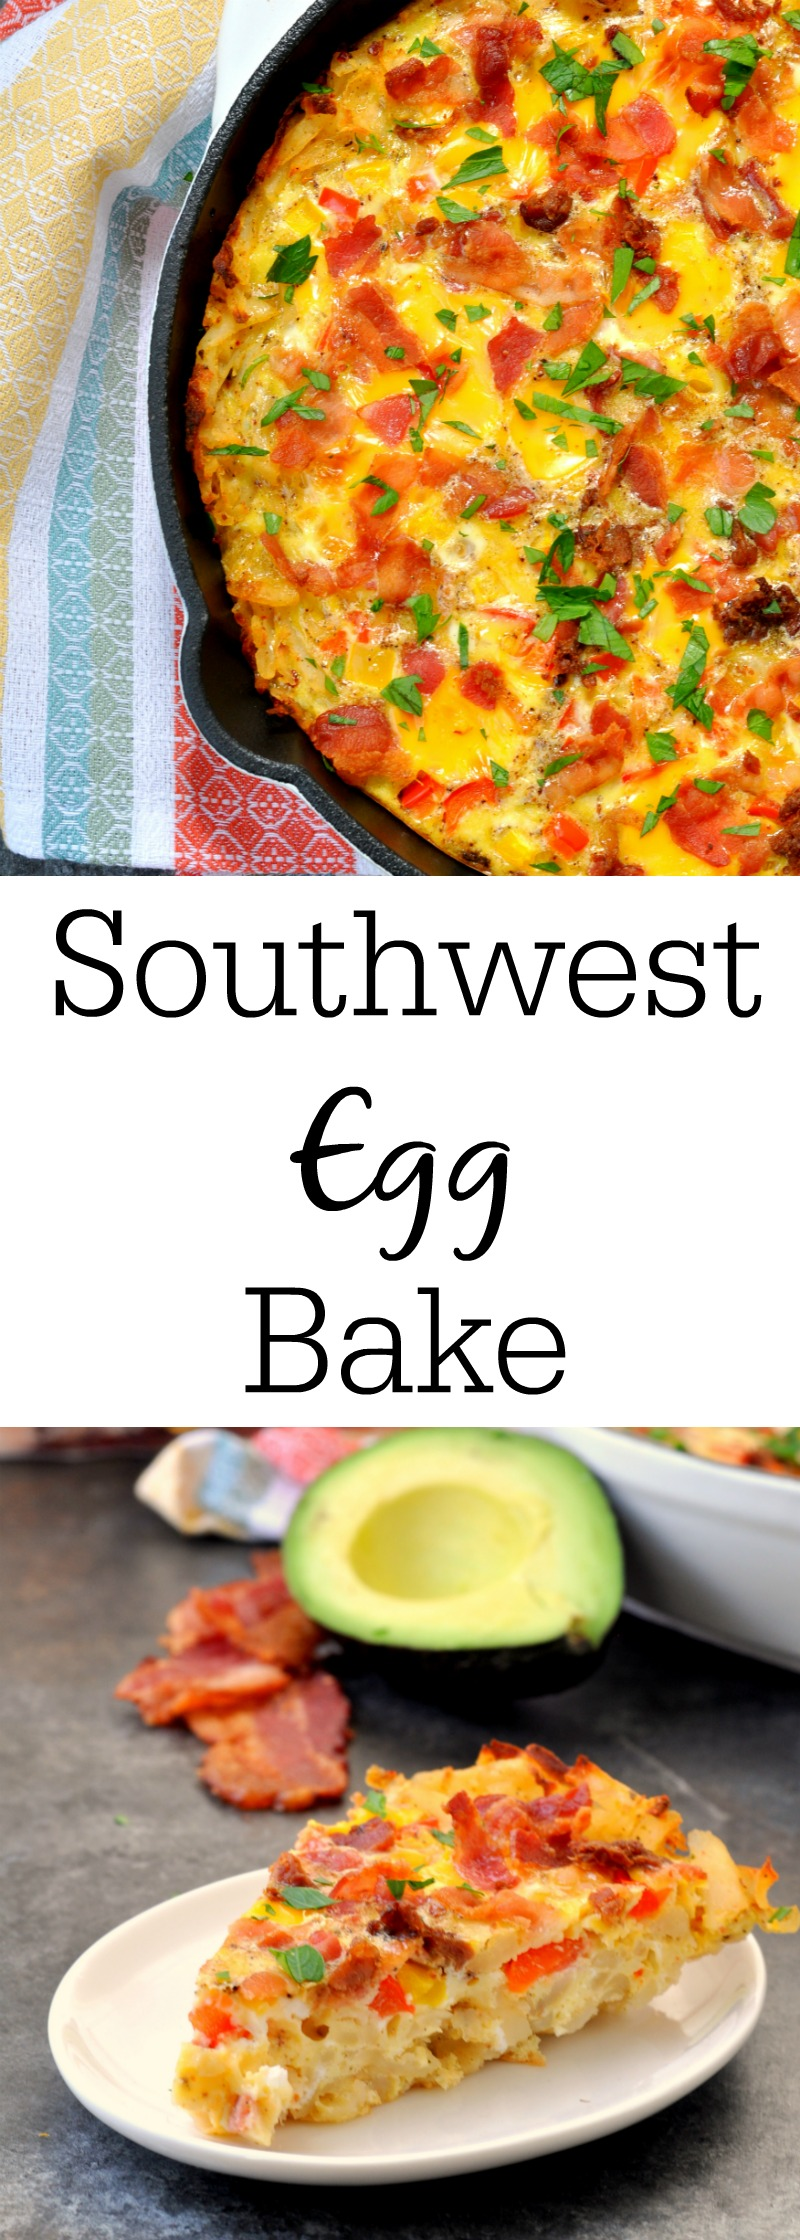 Southwestern Egg Bake